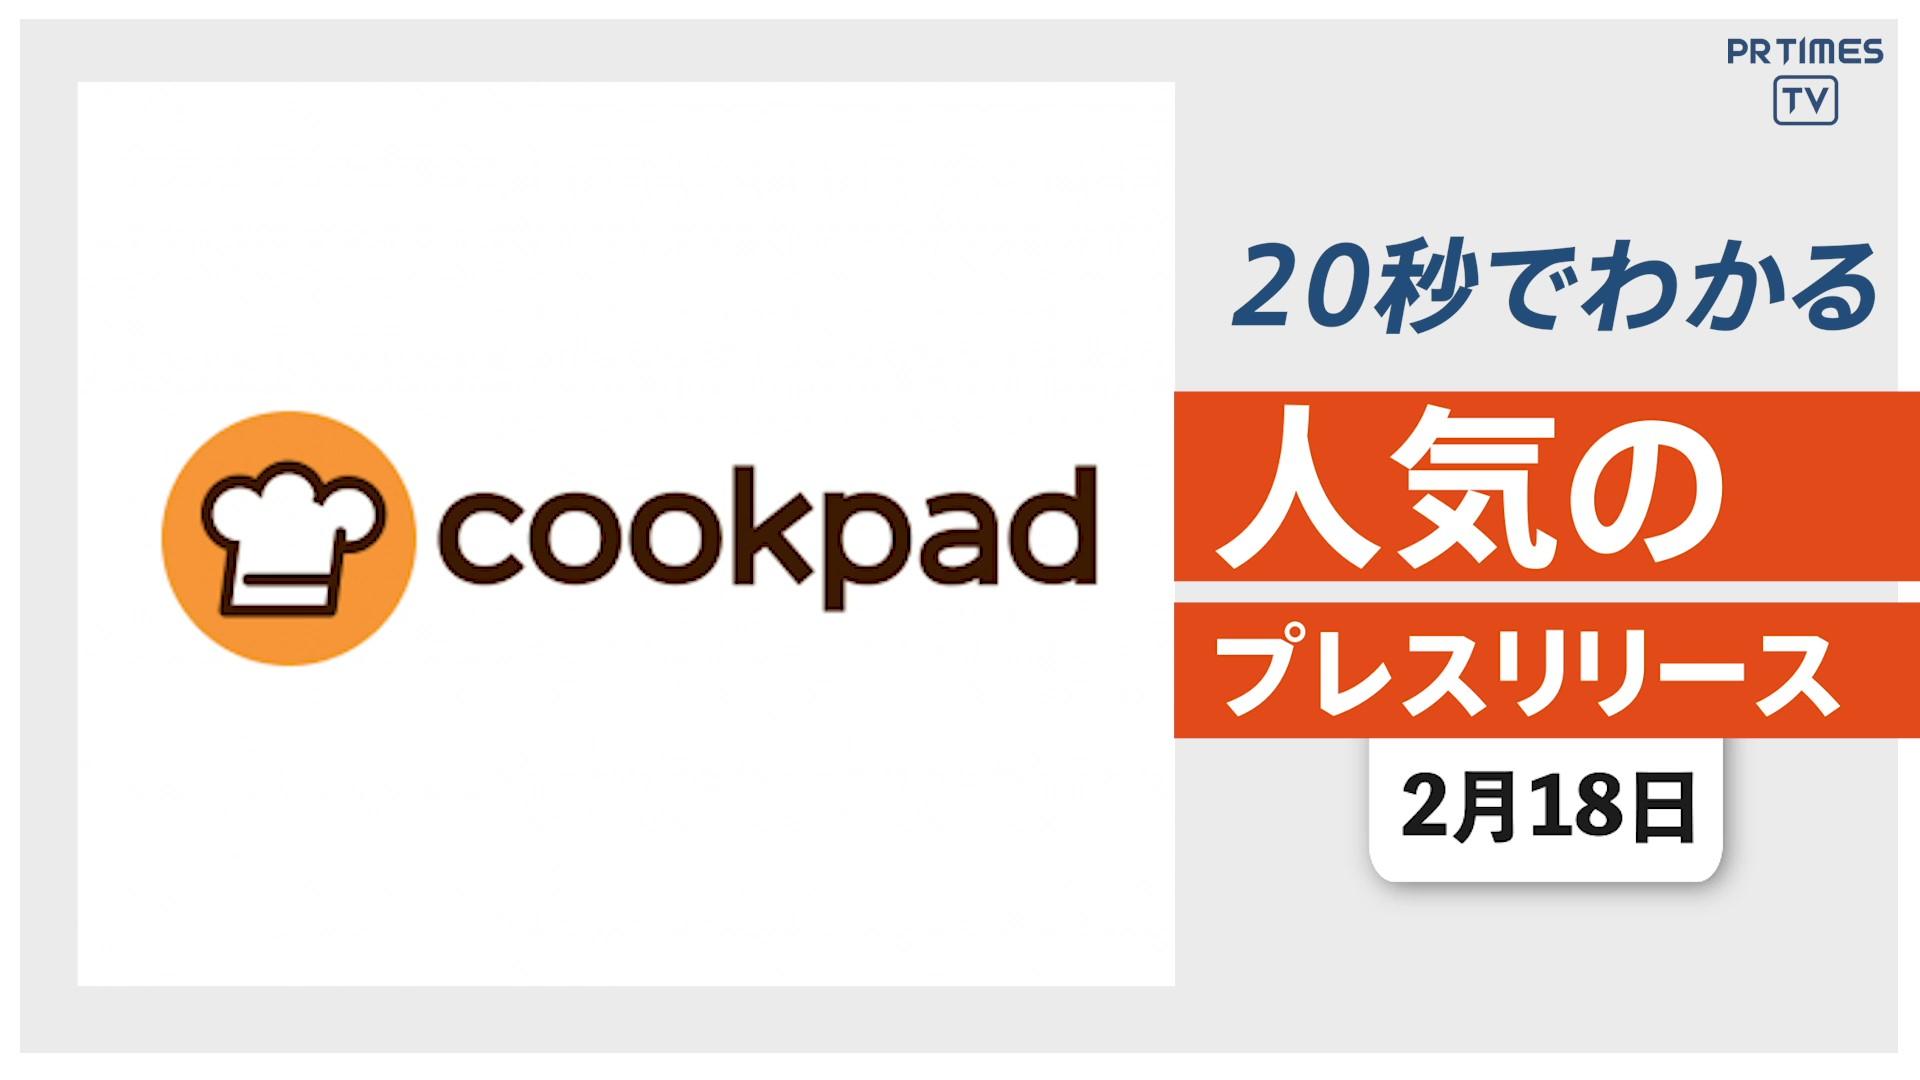 【クックパッド社 全従業員を対象に在宅勤務を実施】他、新着トレンド2月18日